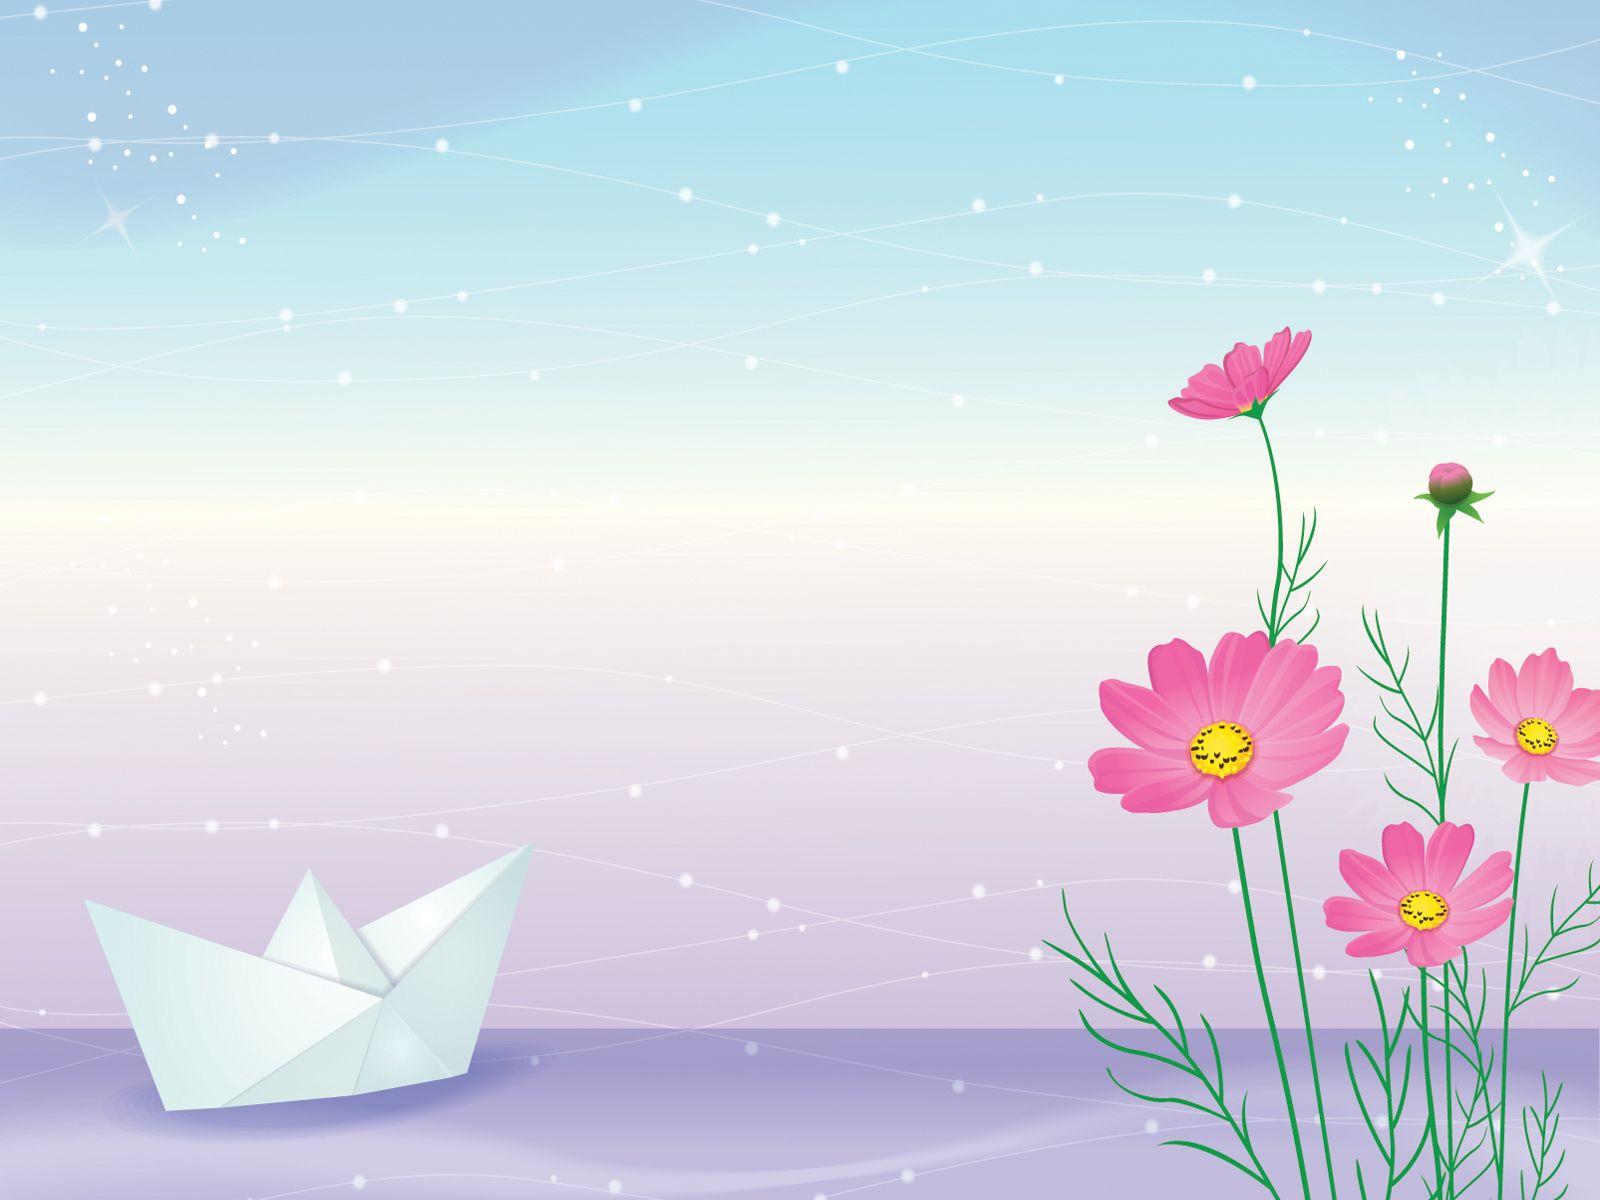 Paper Ship On River PPT Backgrounds | Lukisan Cat Air Sederhana, Latar  Belakang, Lukisan Cat Air